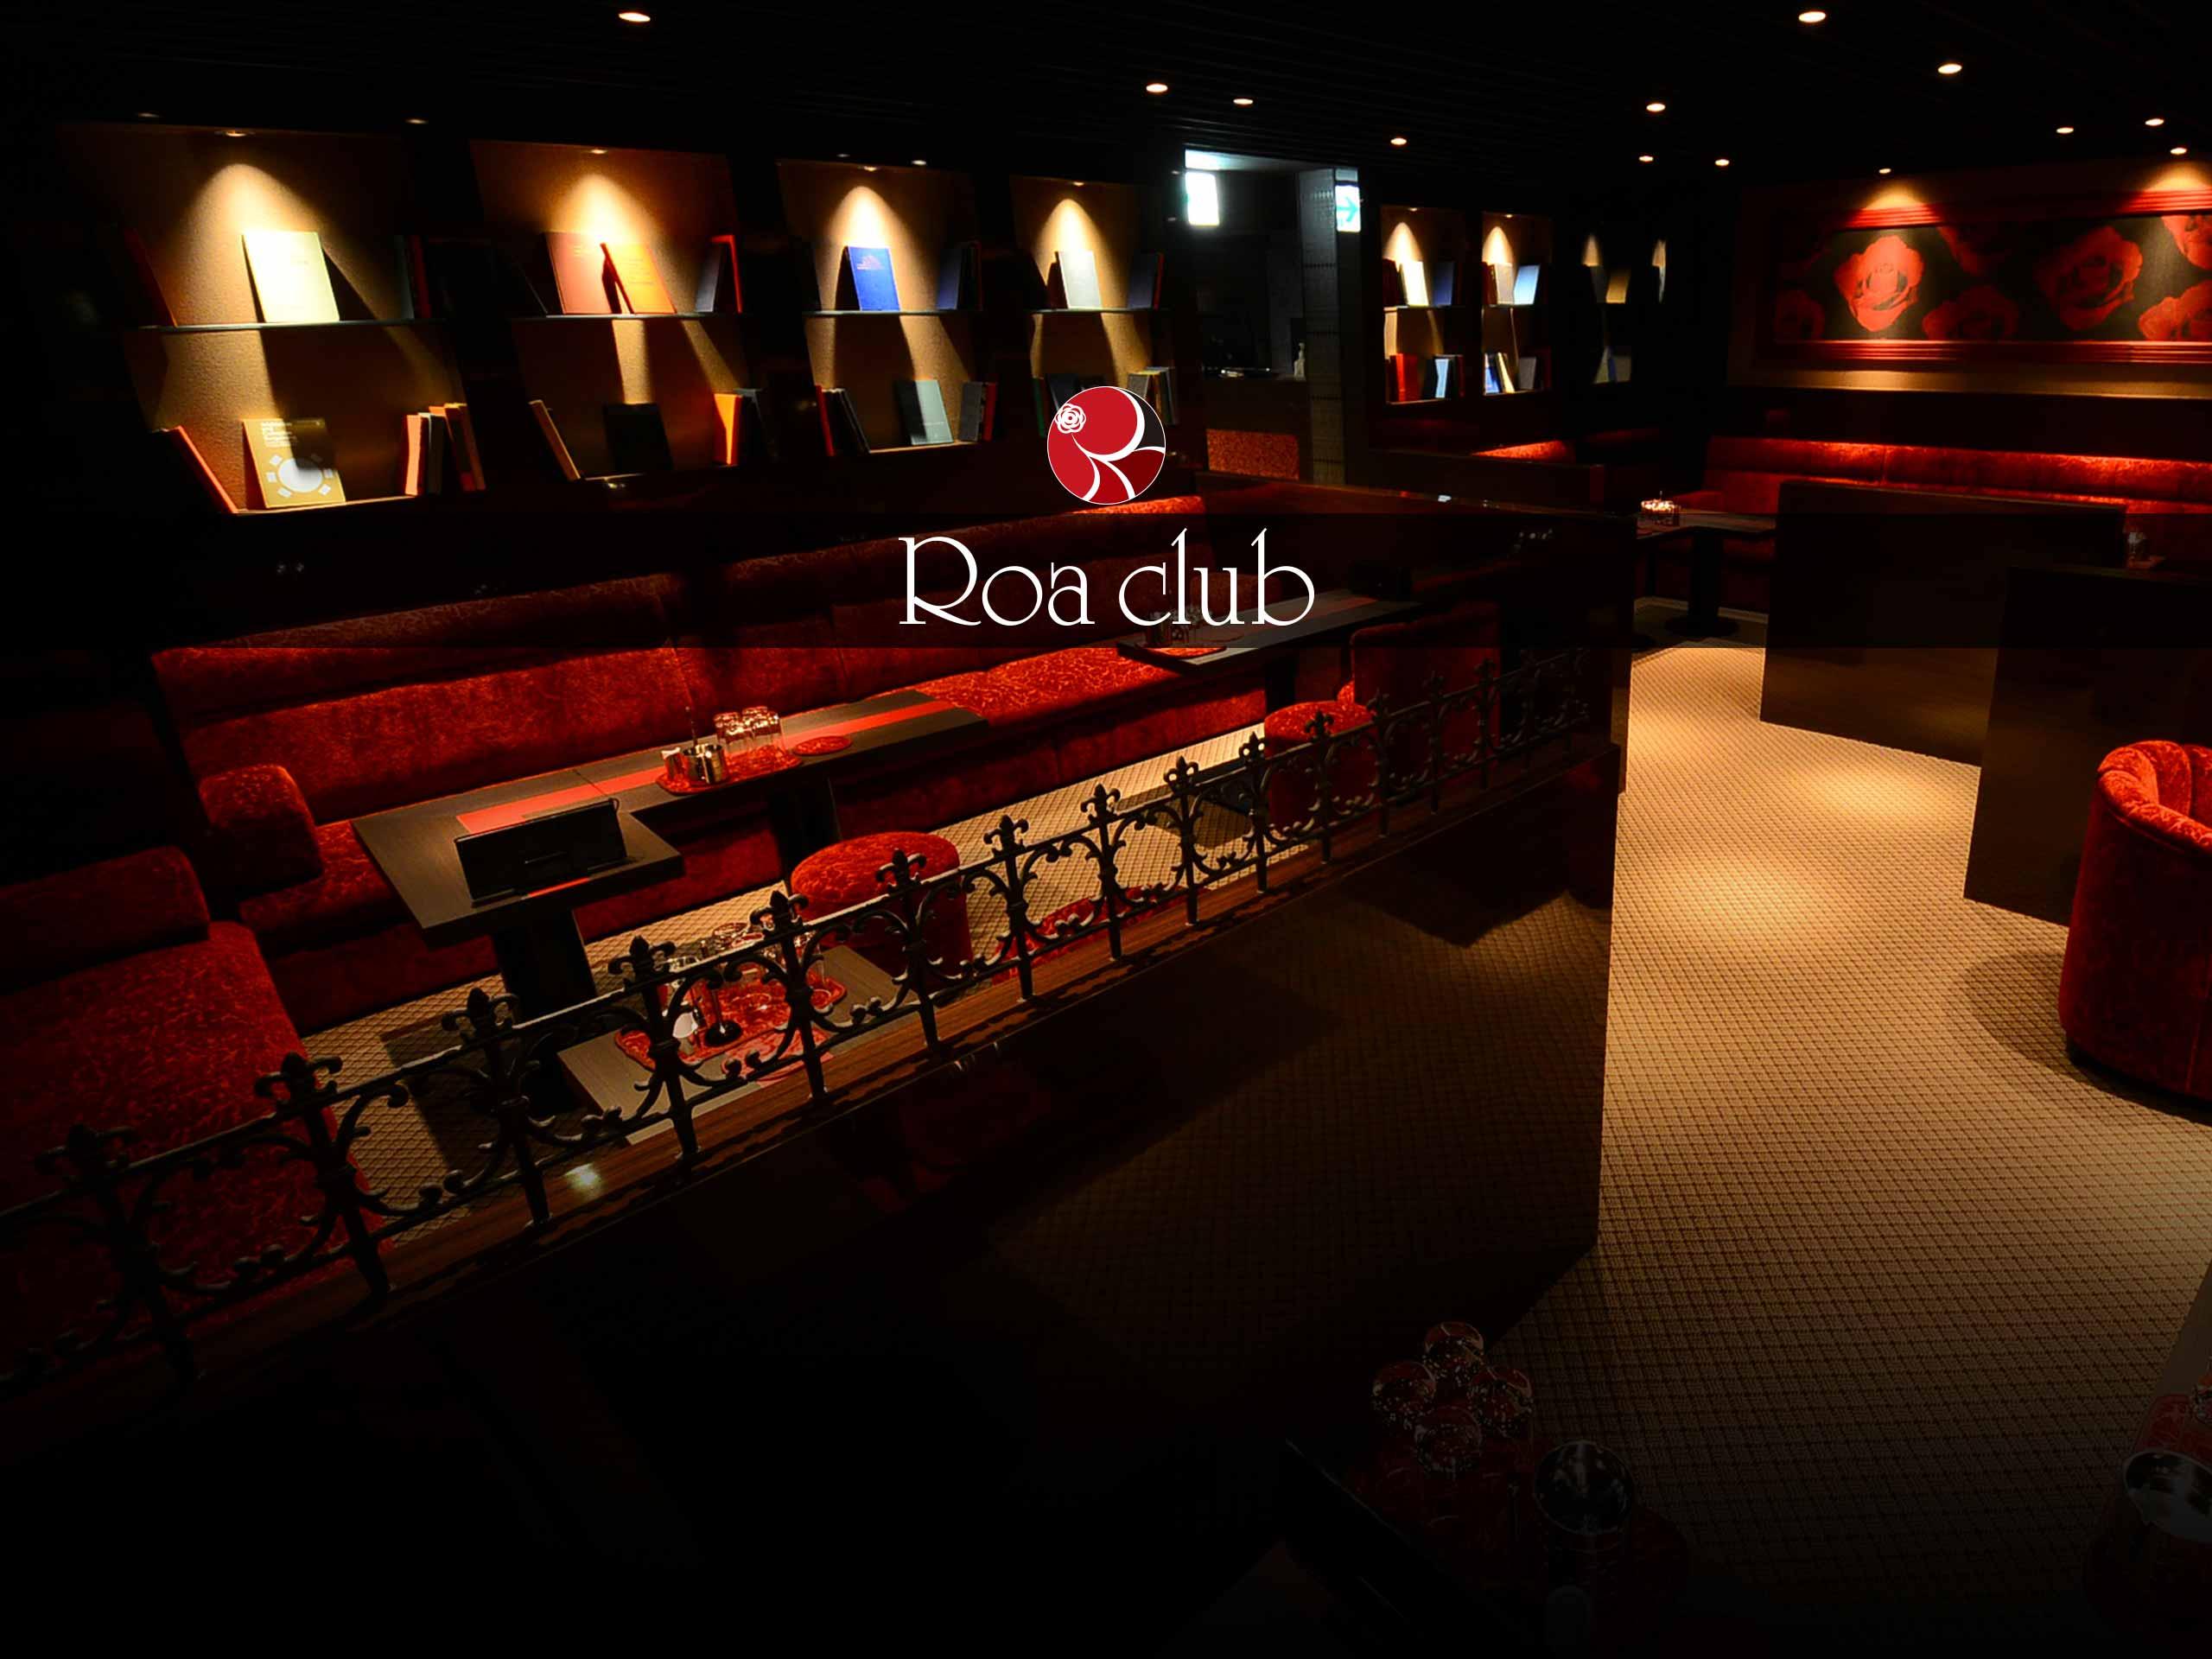 Roa club画像